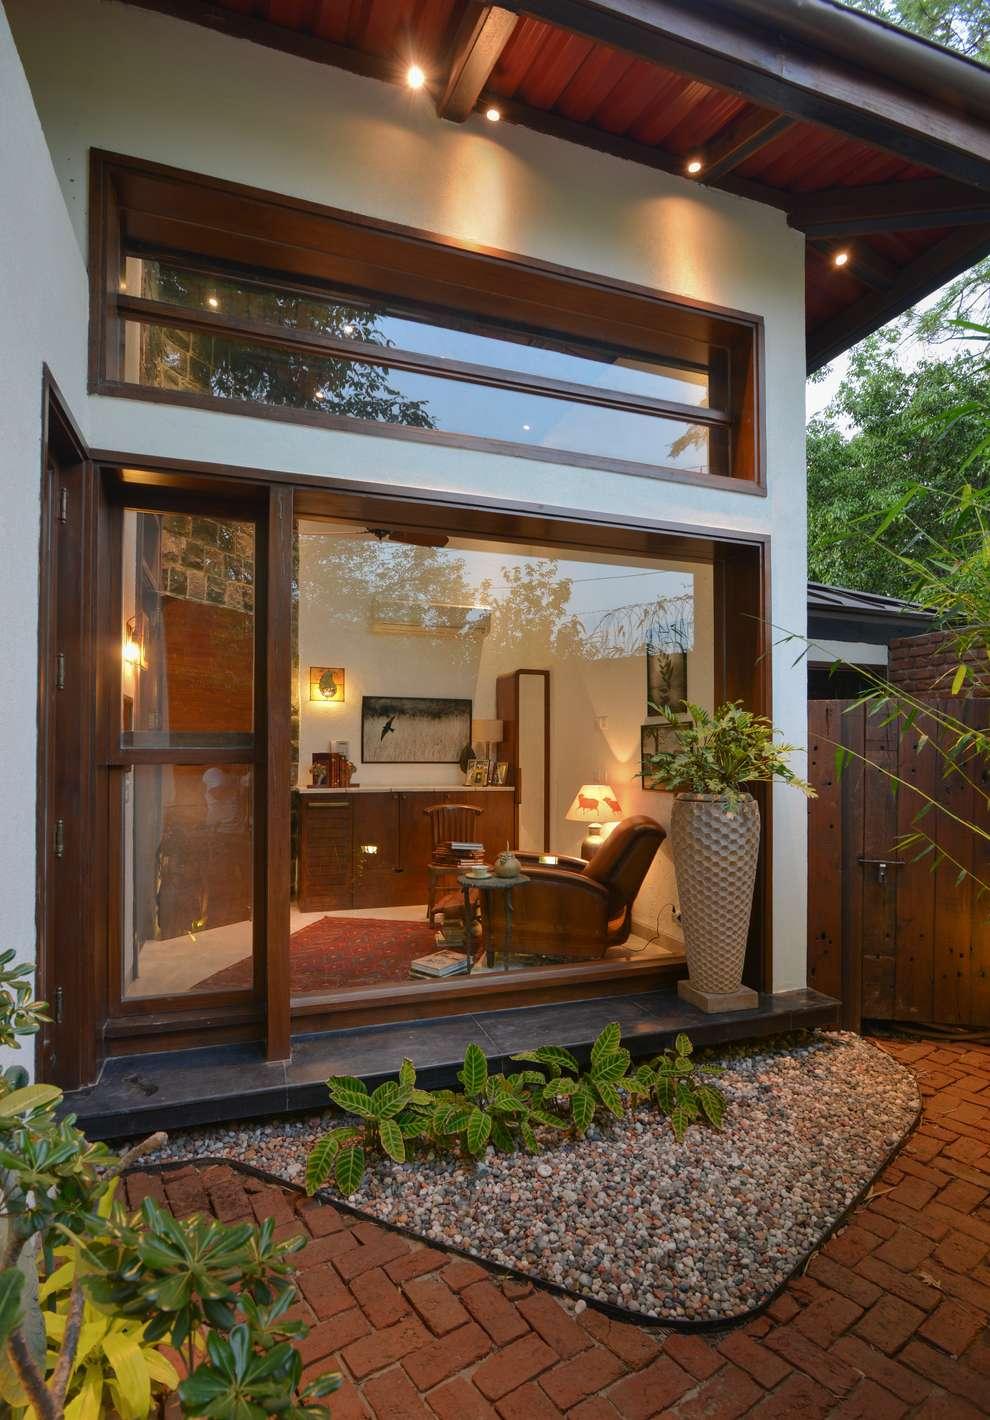 Puertas y ventanas de estilo moderno por monica khanna designs